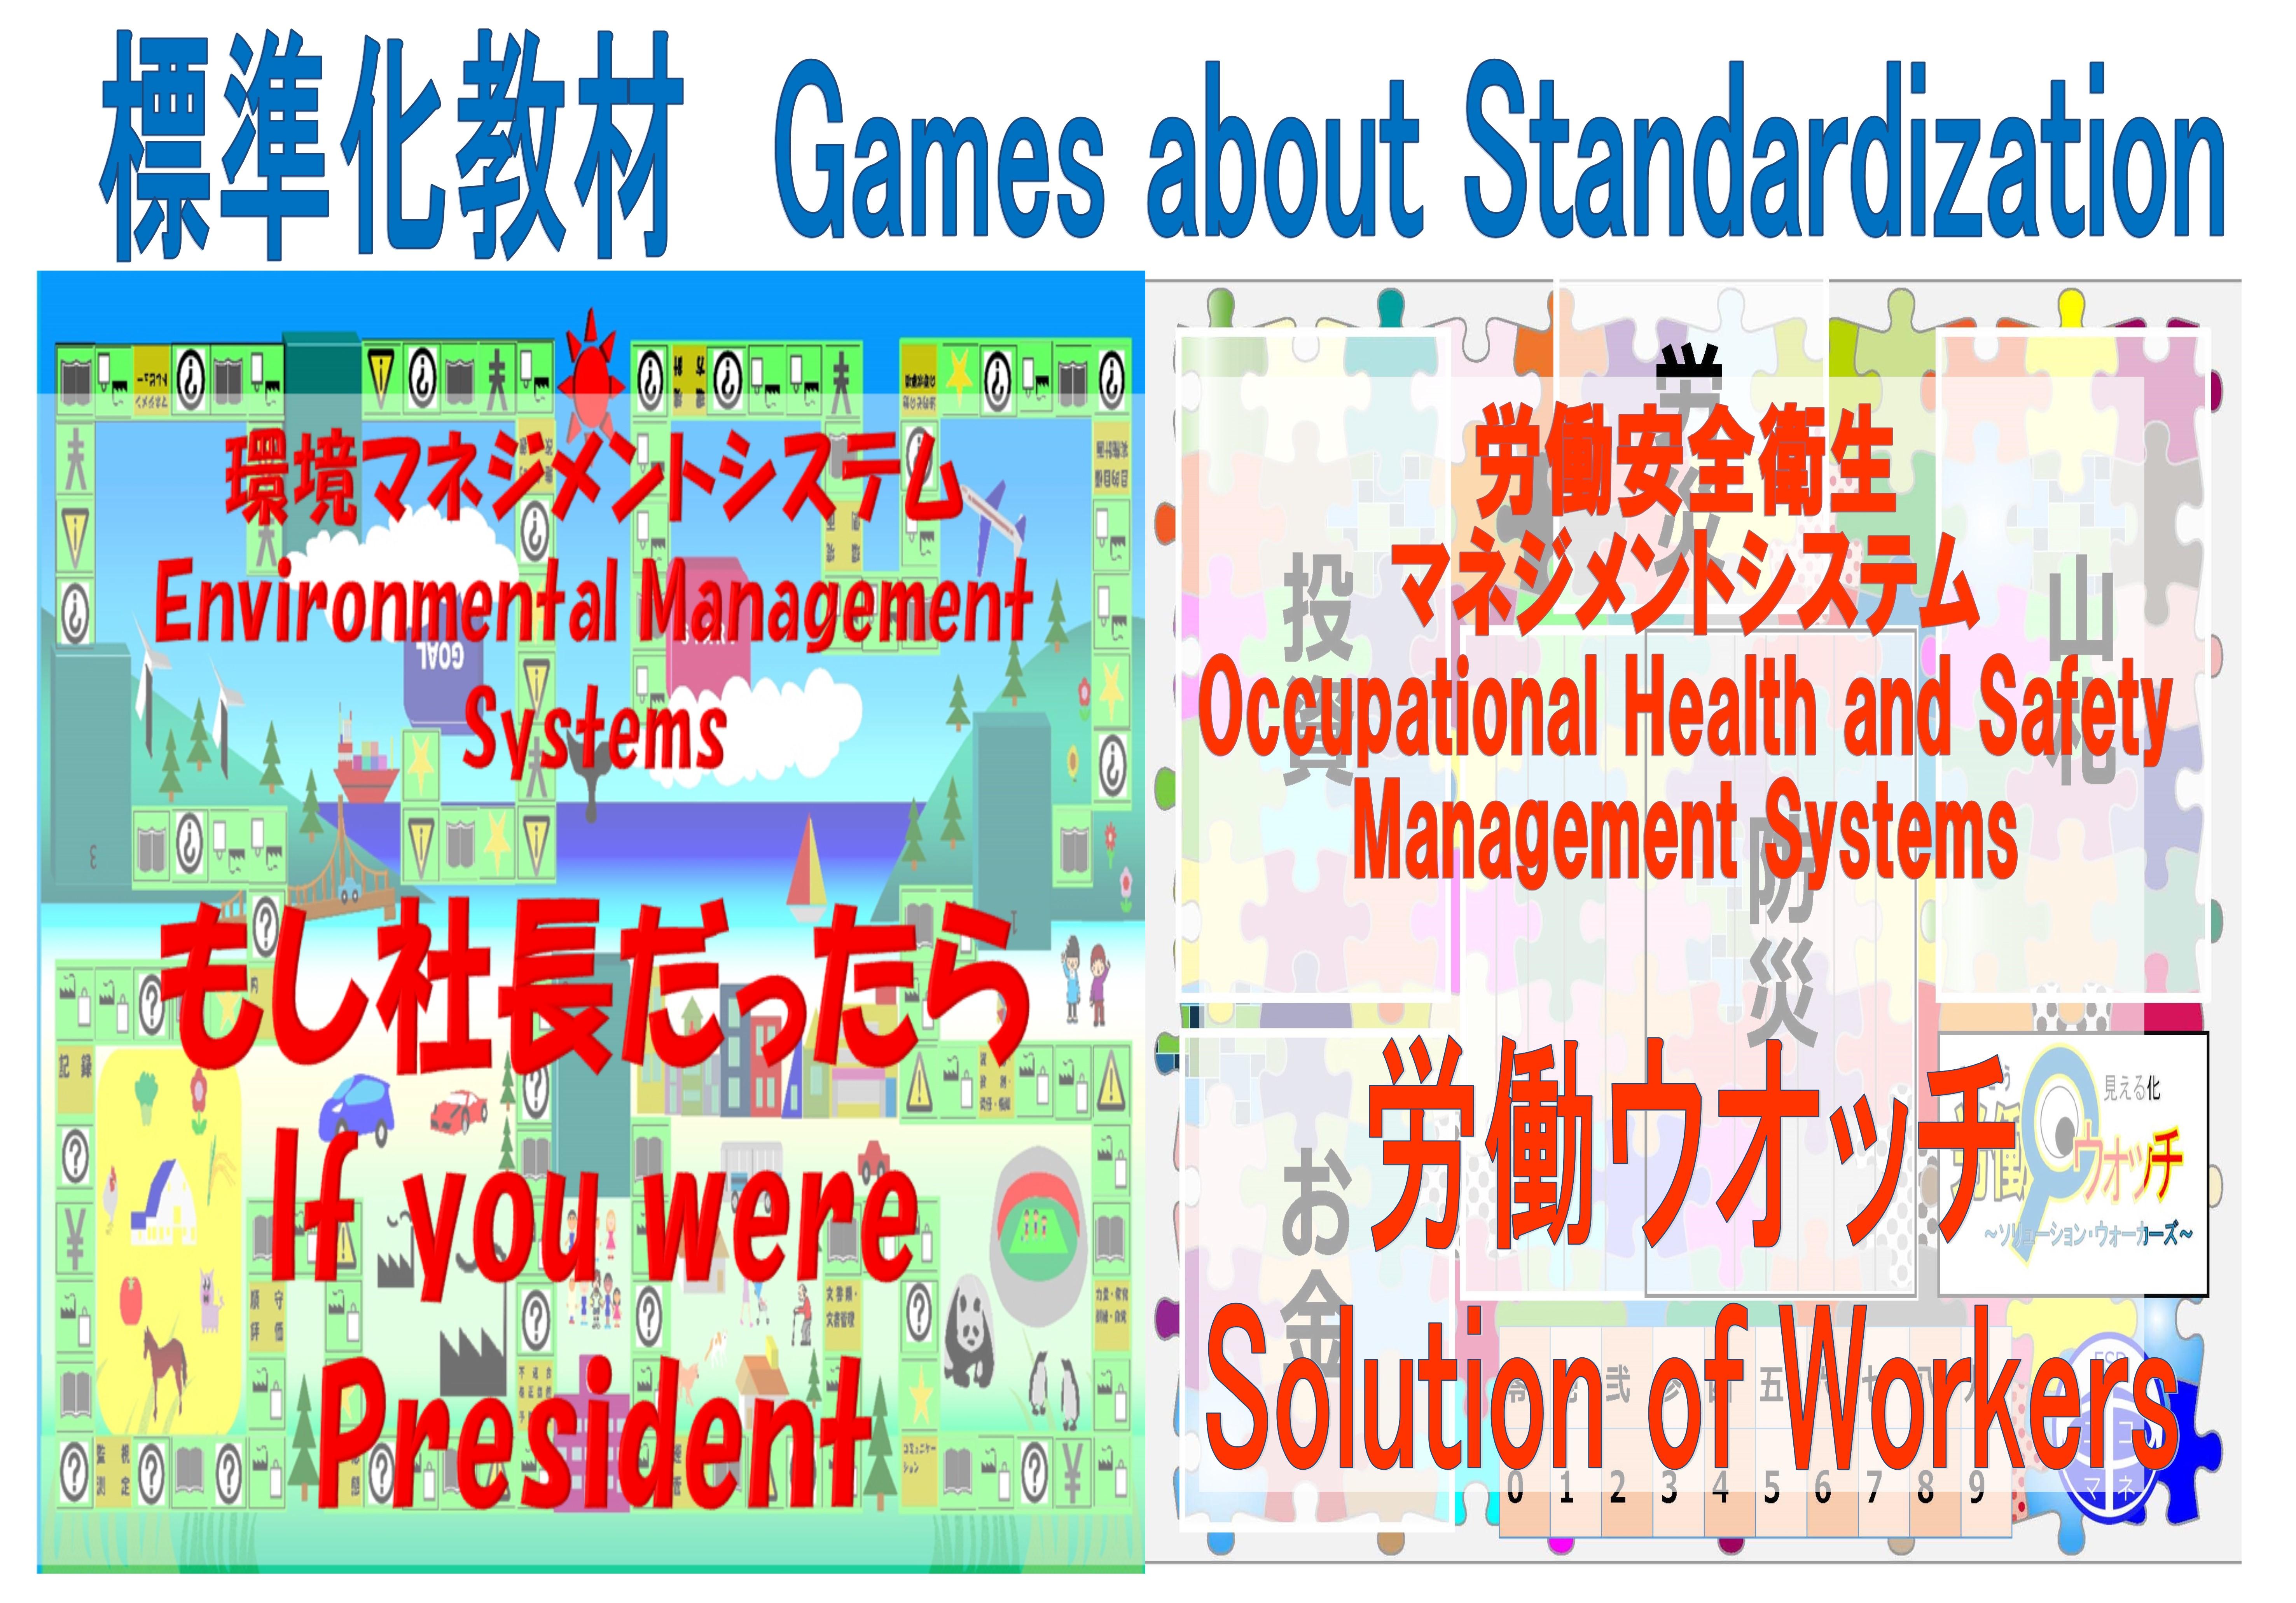 マネジメント システム 安全 衛生 労働